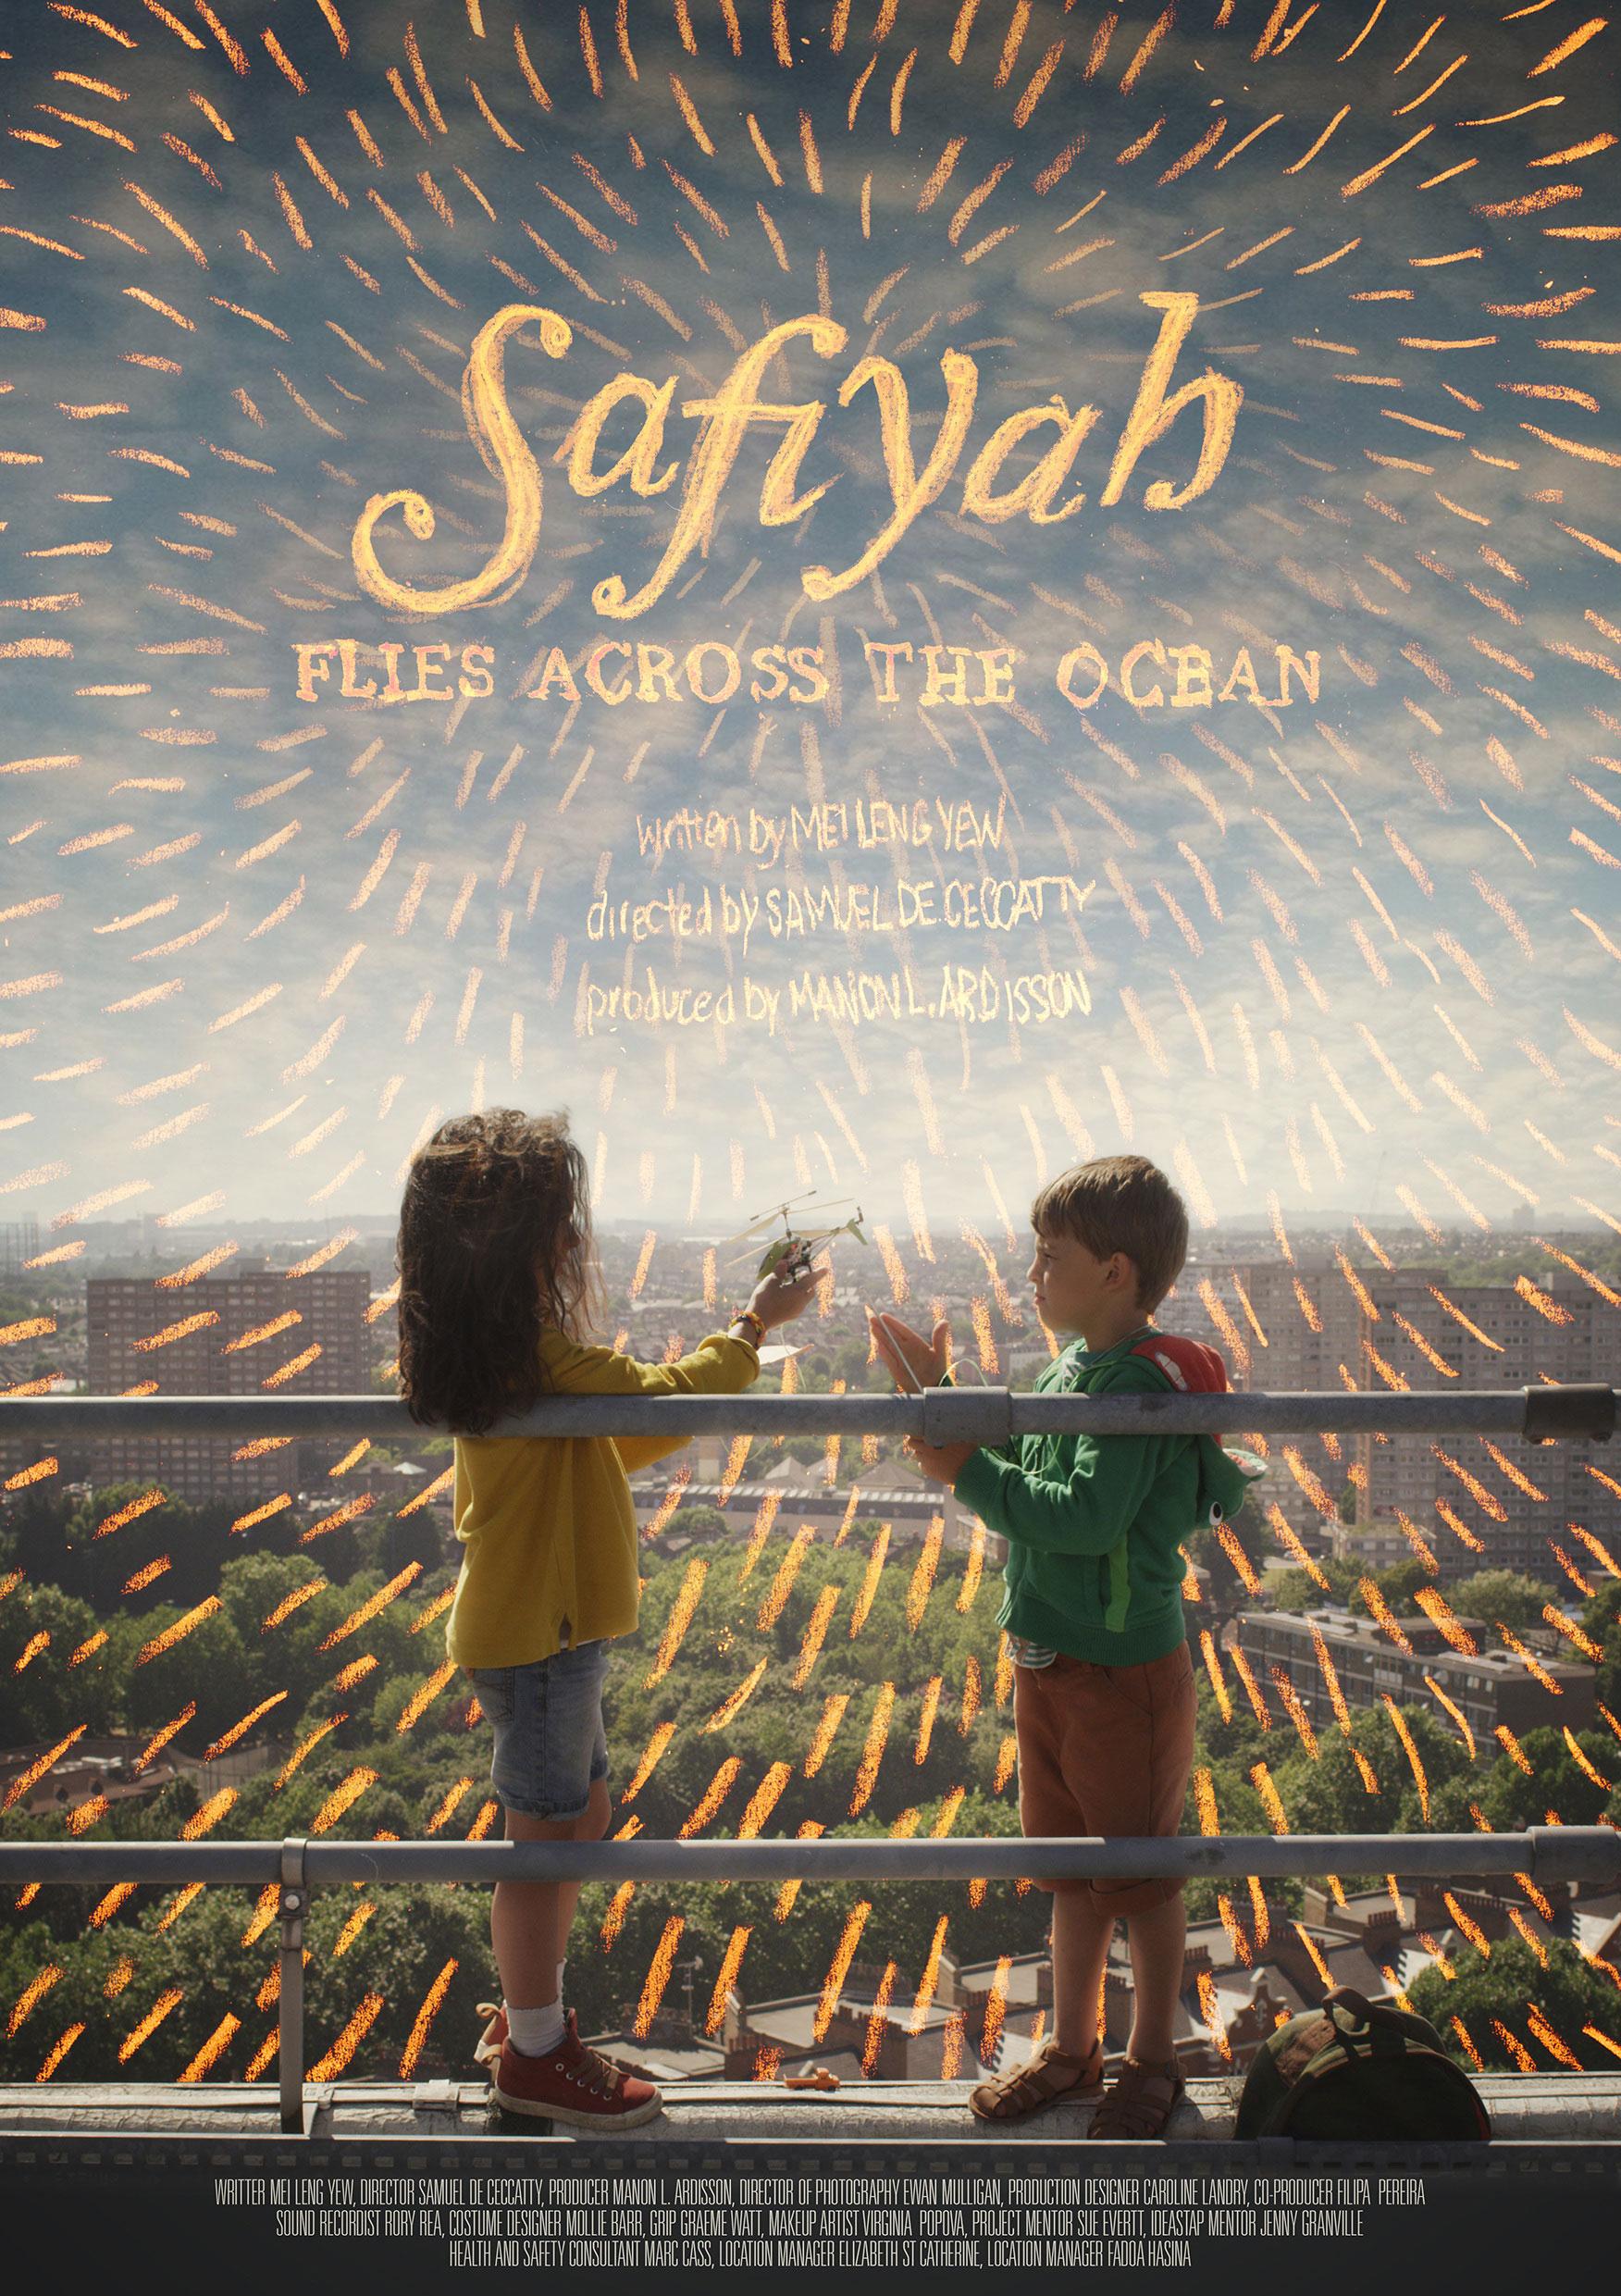 Safiyah Flies Across the Ocean